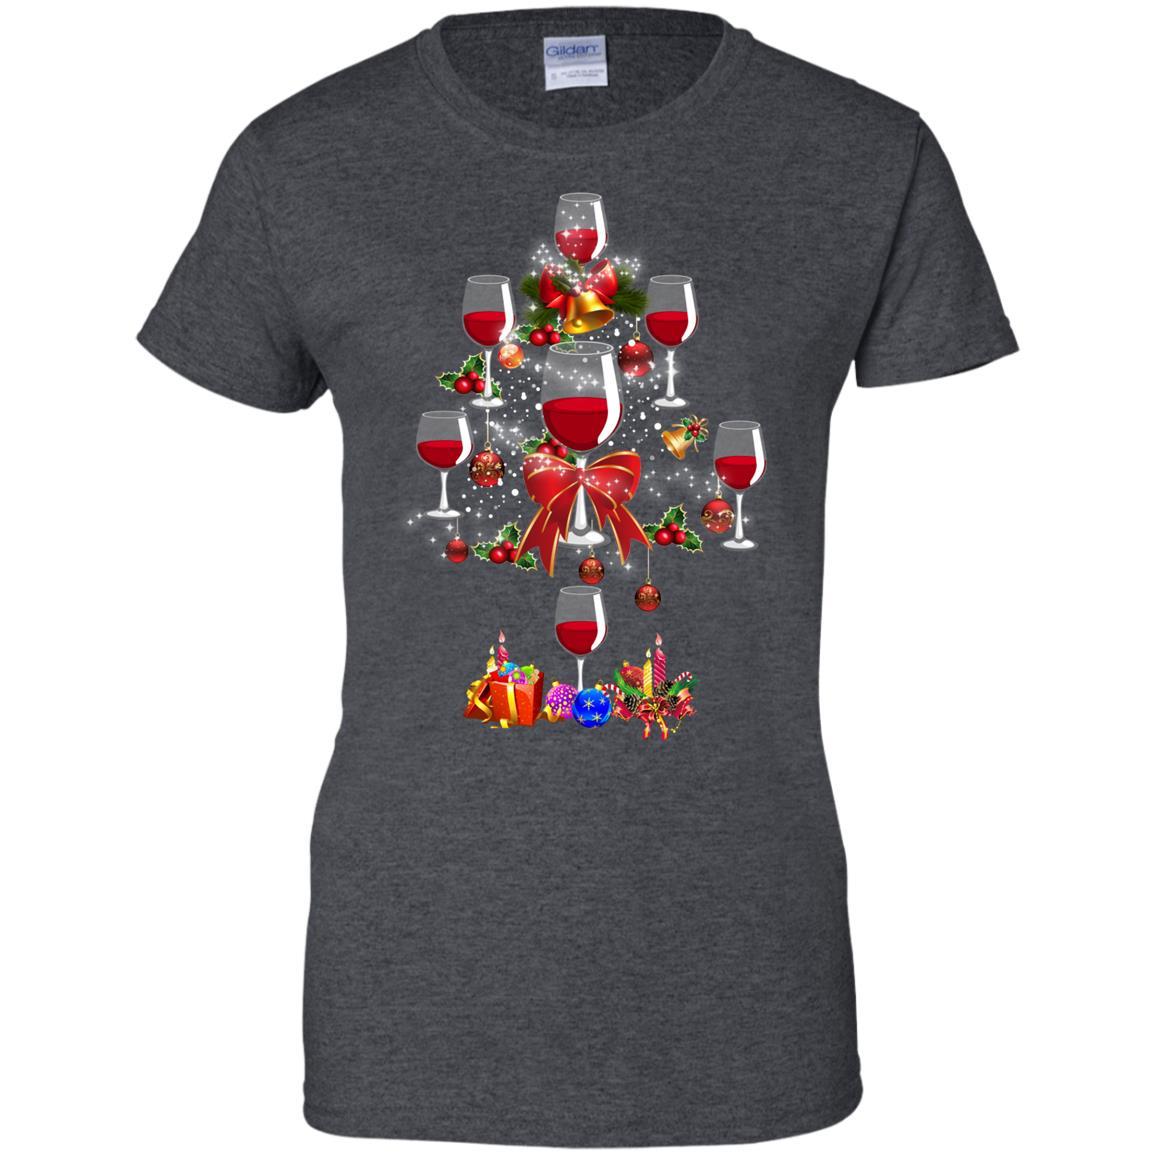 Wine Christmas Tree Shirt.Wine Christmas Tree